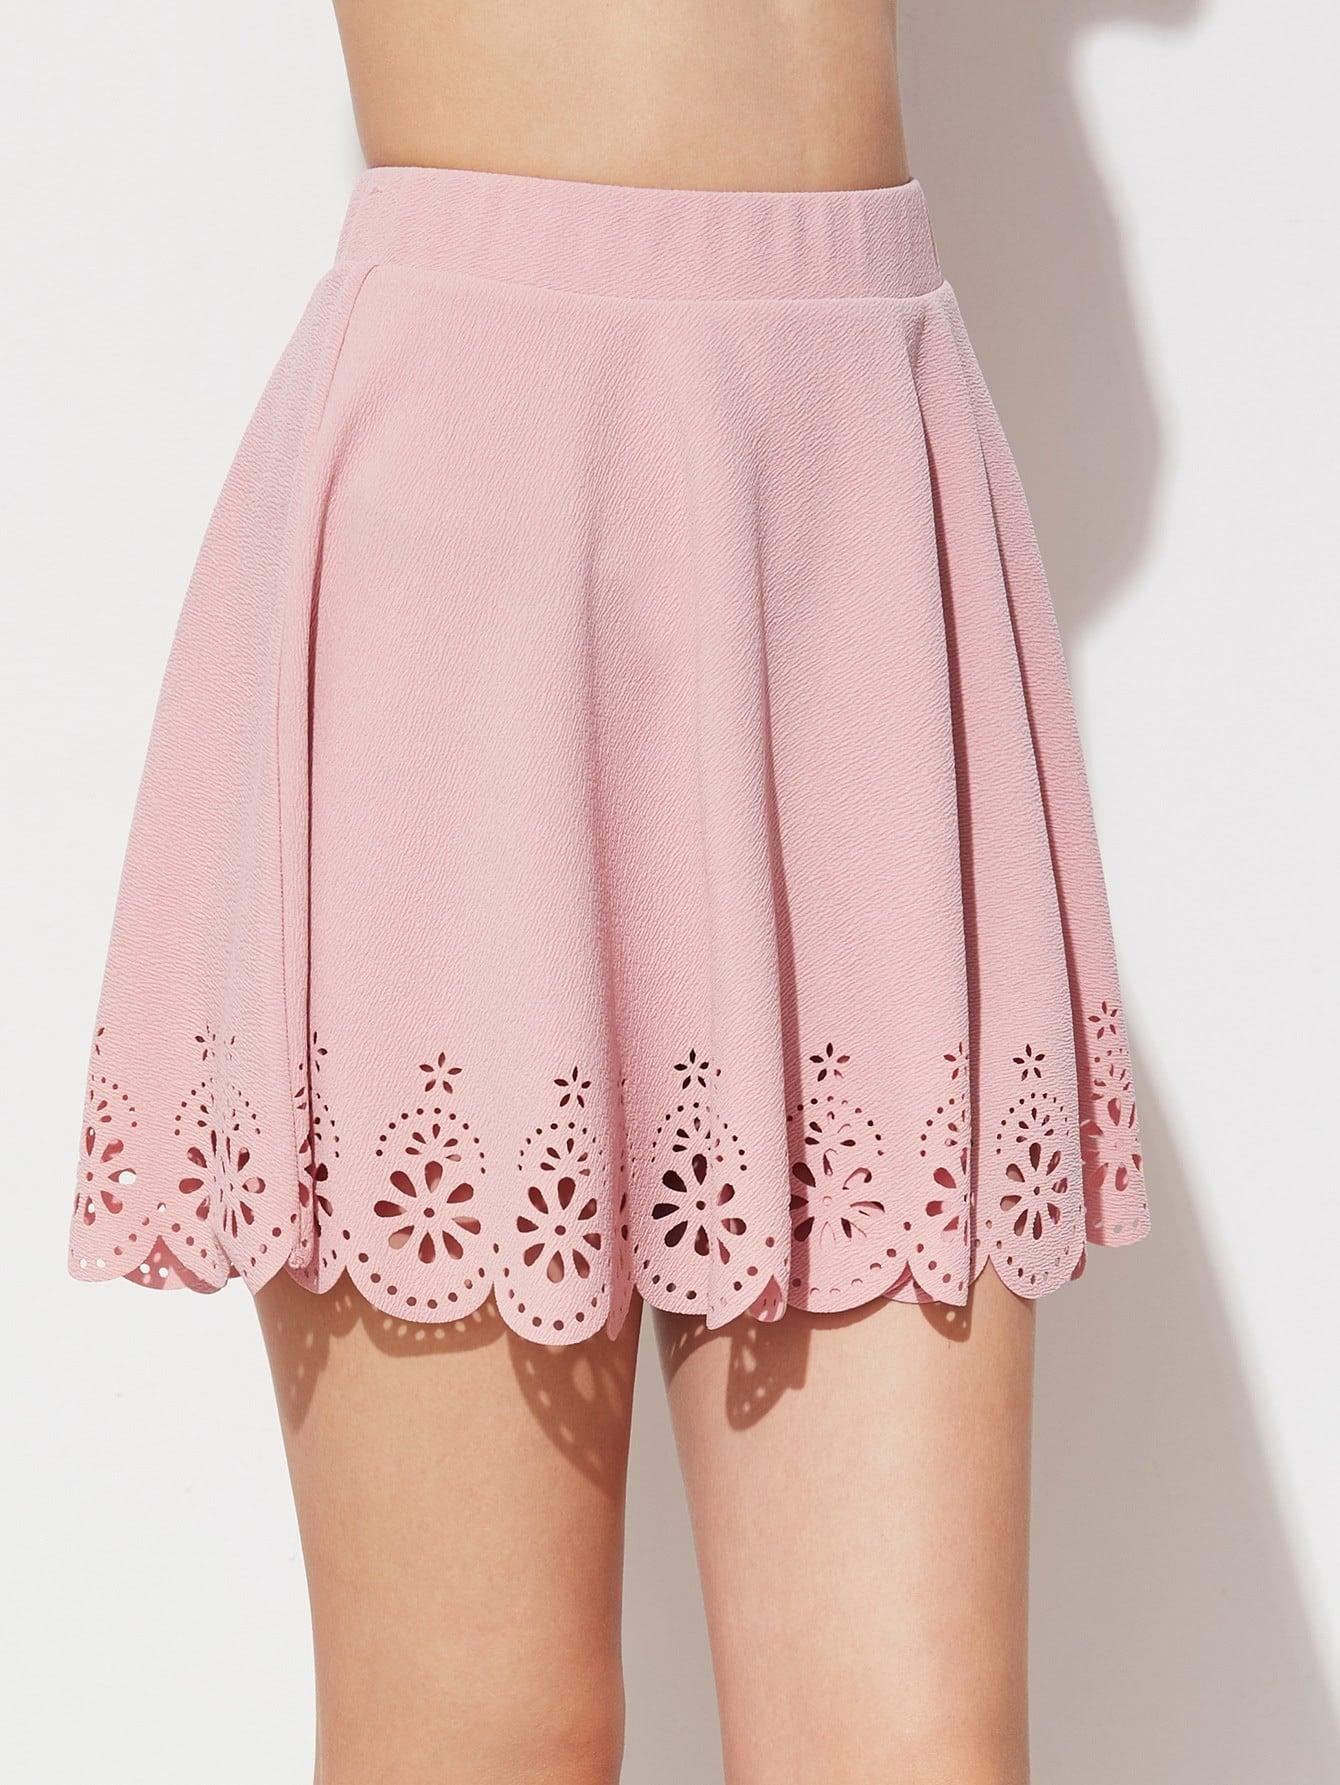 Купить Модная юбка с фестонами, Anna, SheIn